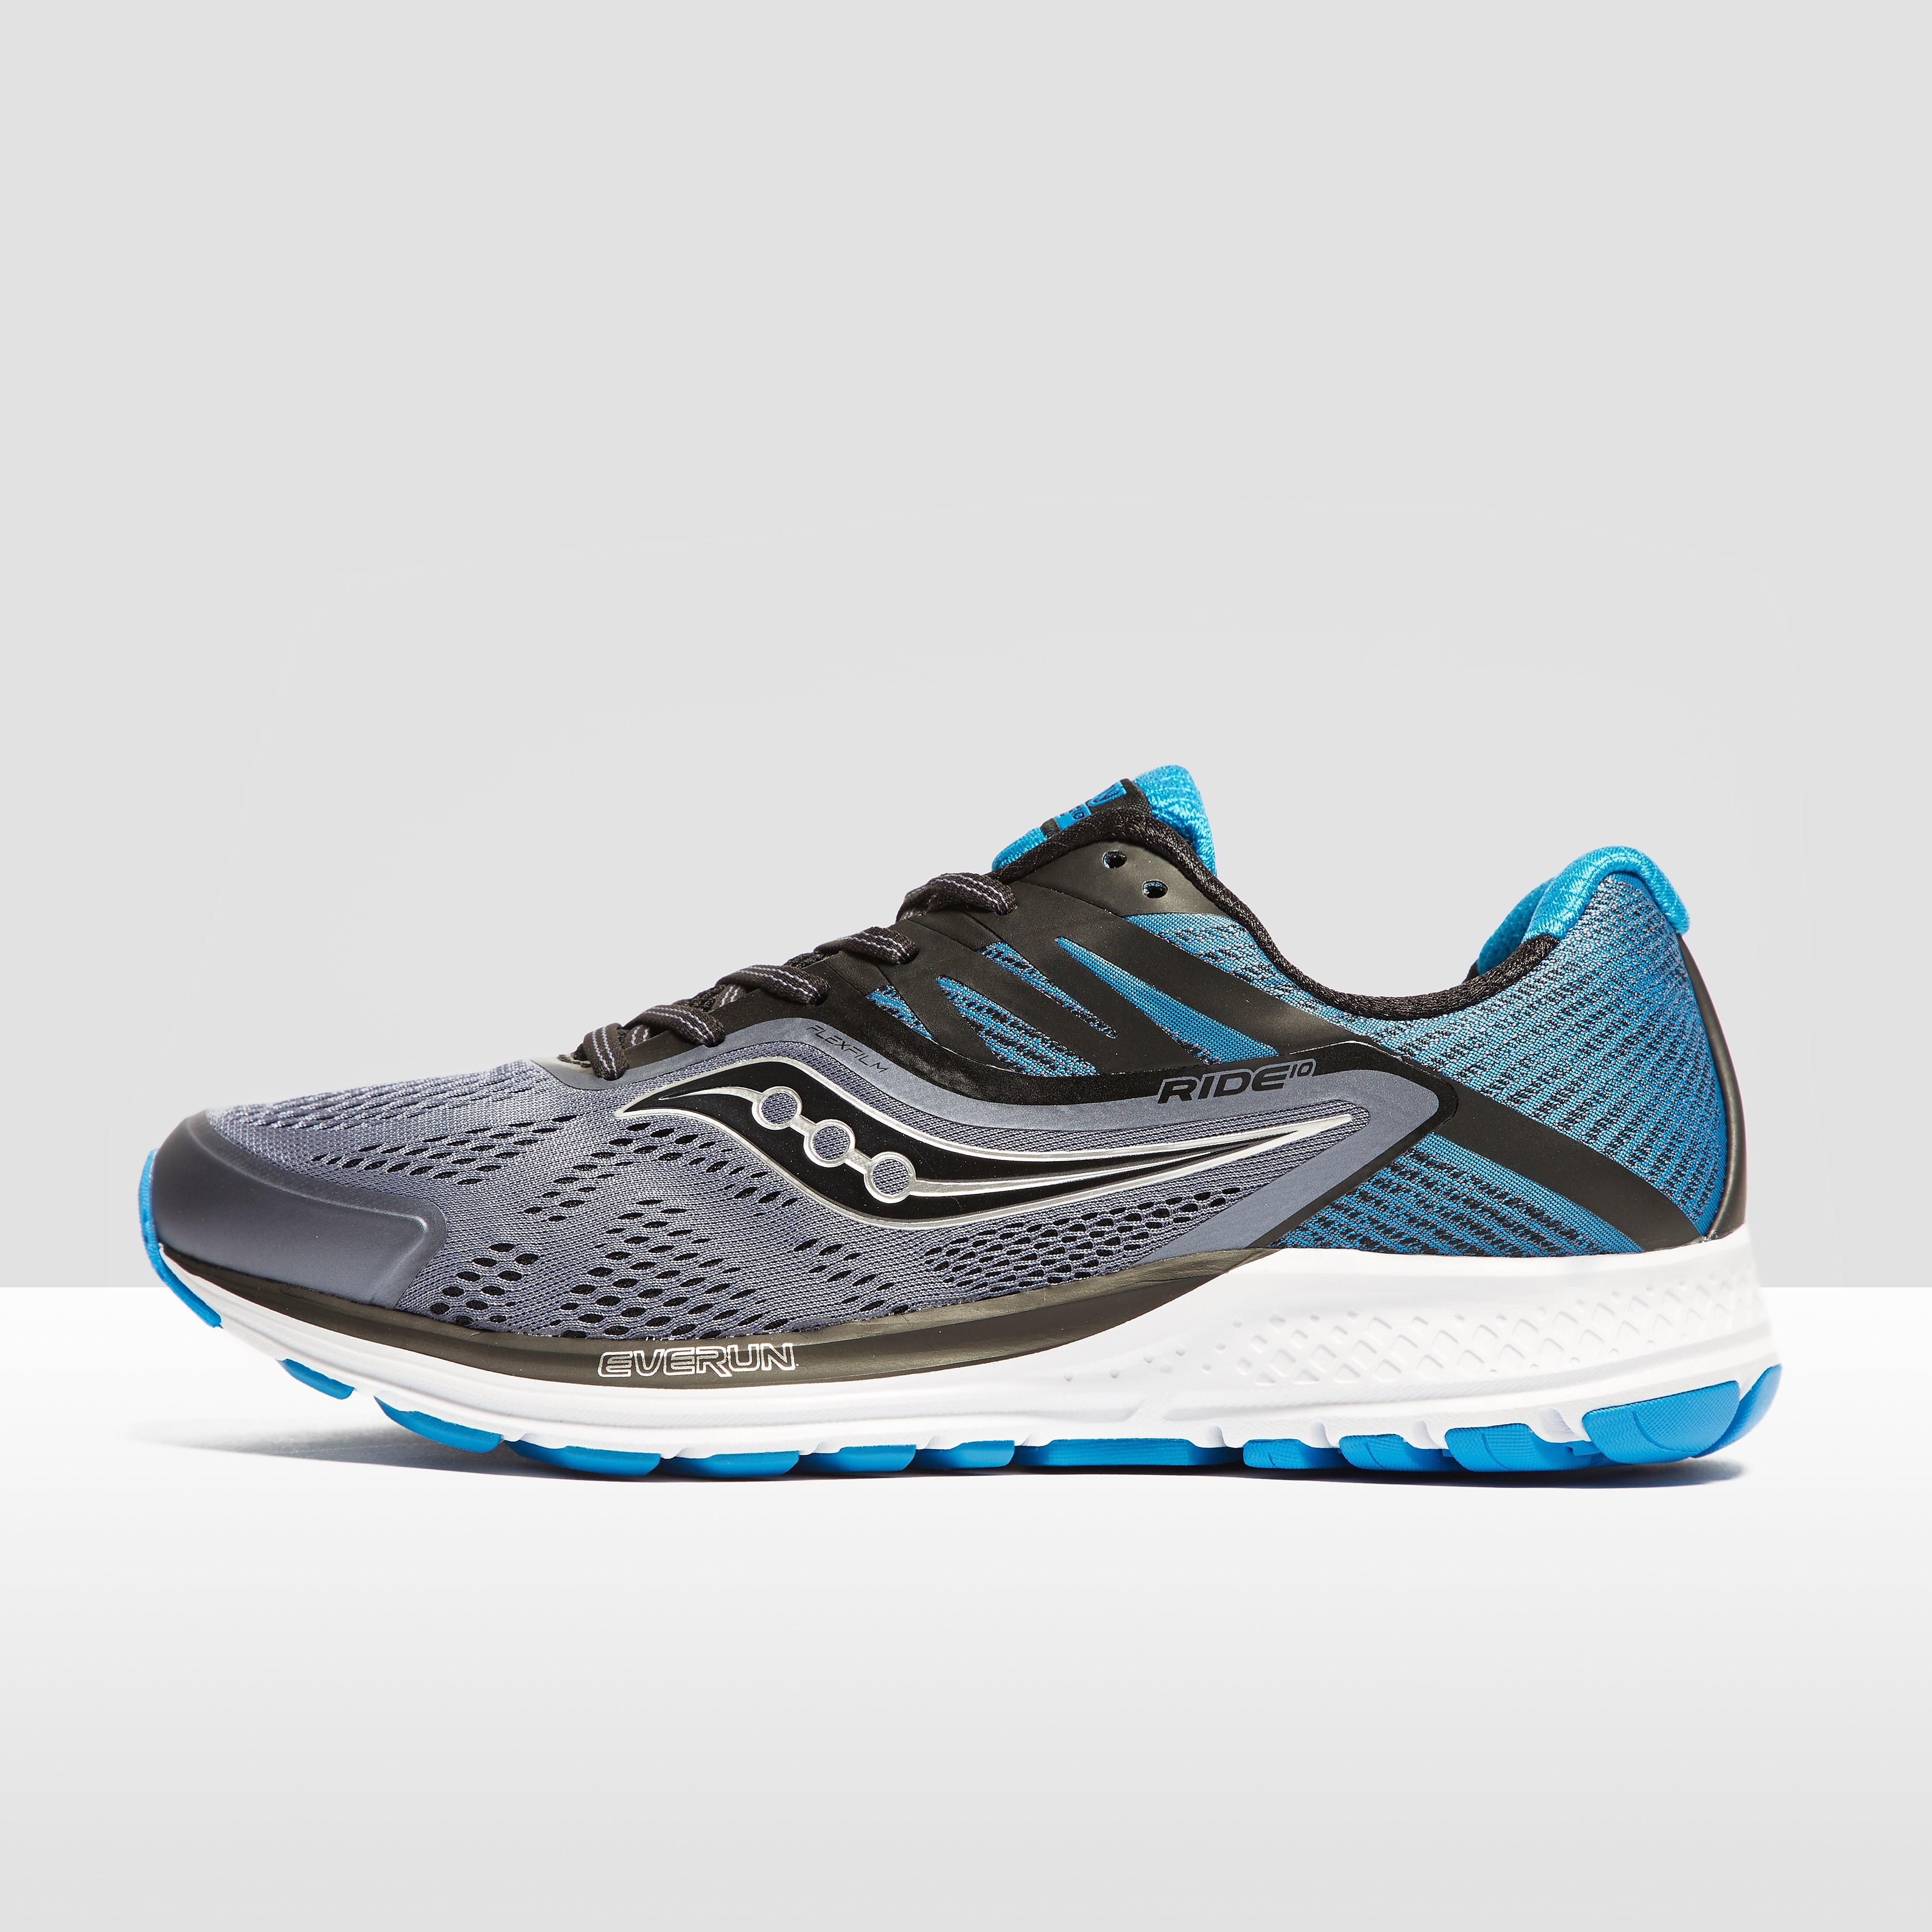 Saucony Ride 10 Men's Running Shoes